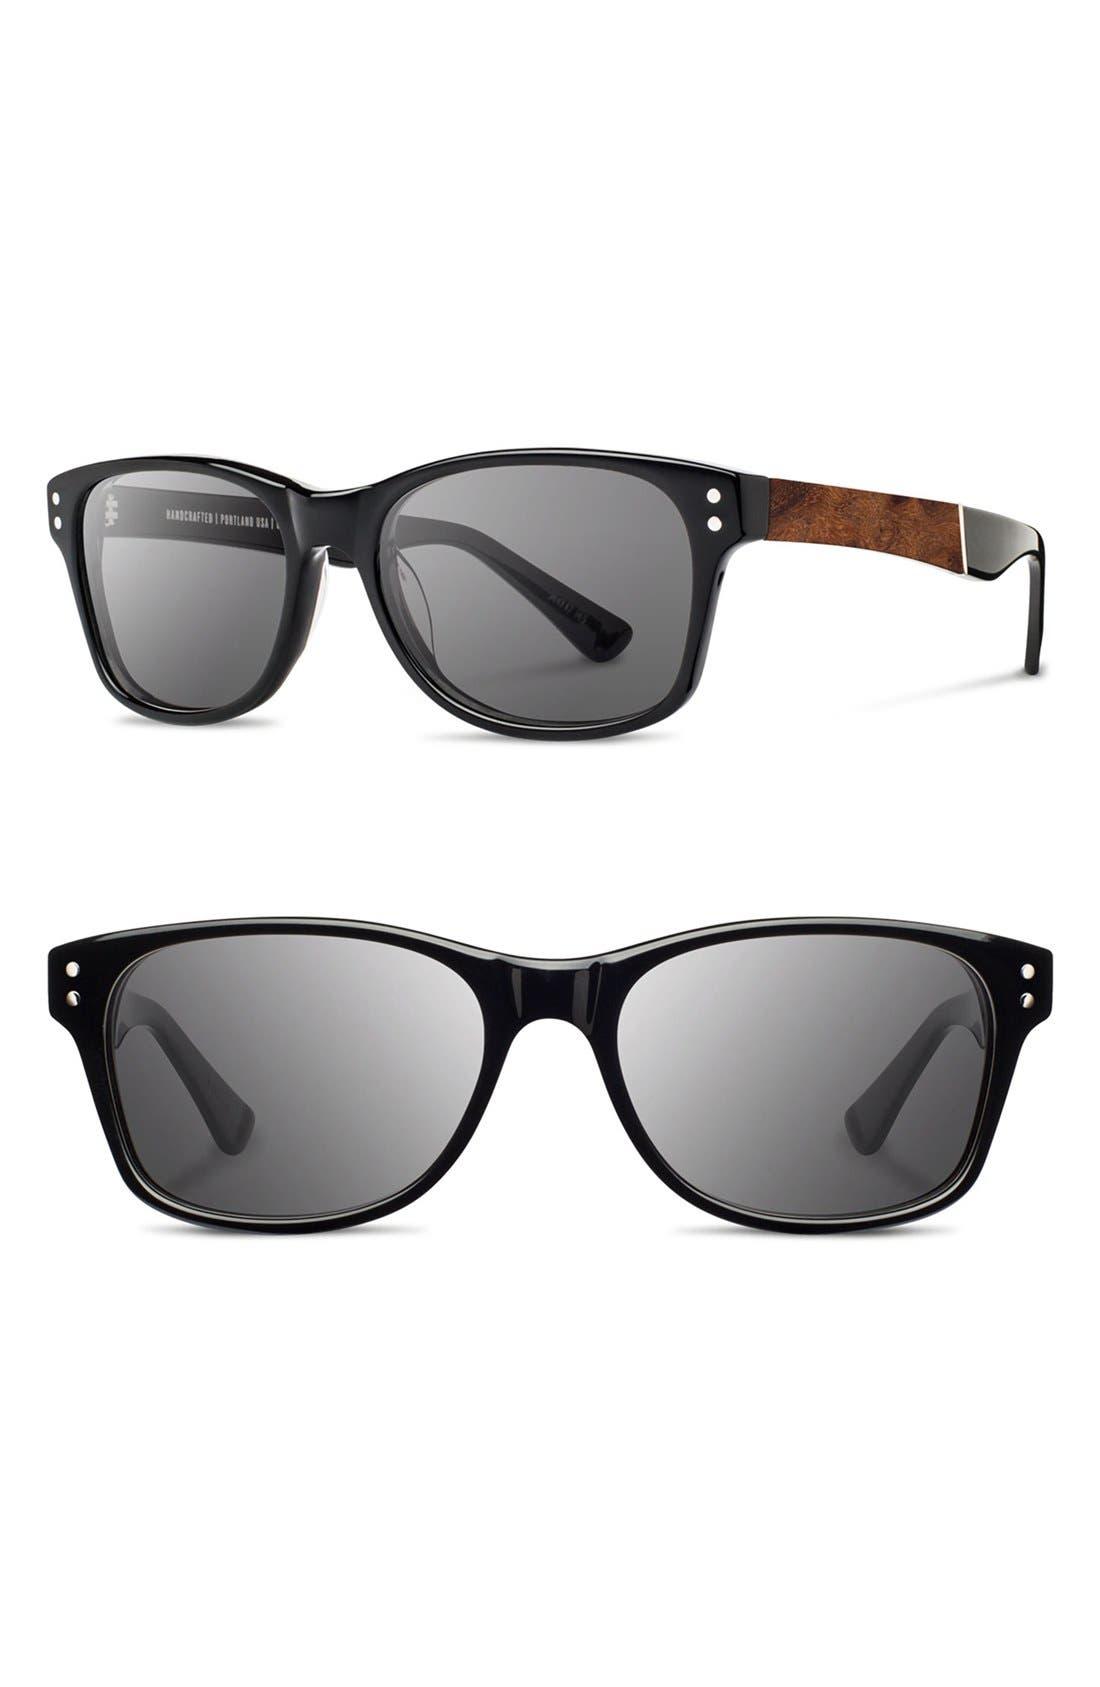 Shwood'Cannon' 54mm Polarized Acetate & Wood Sunglasses